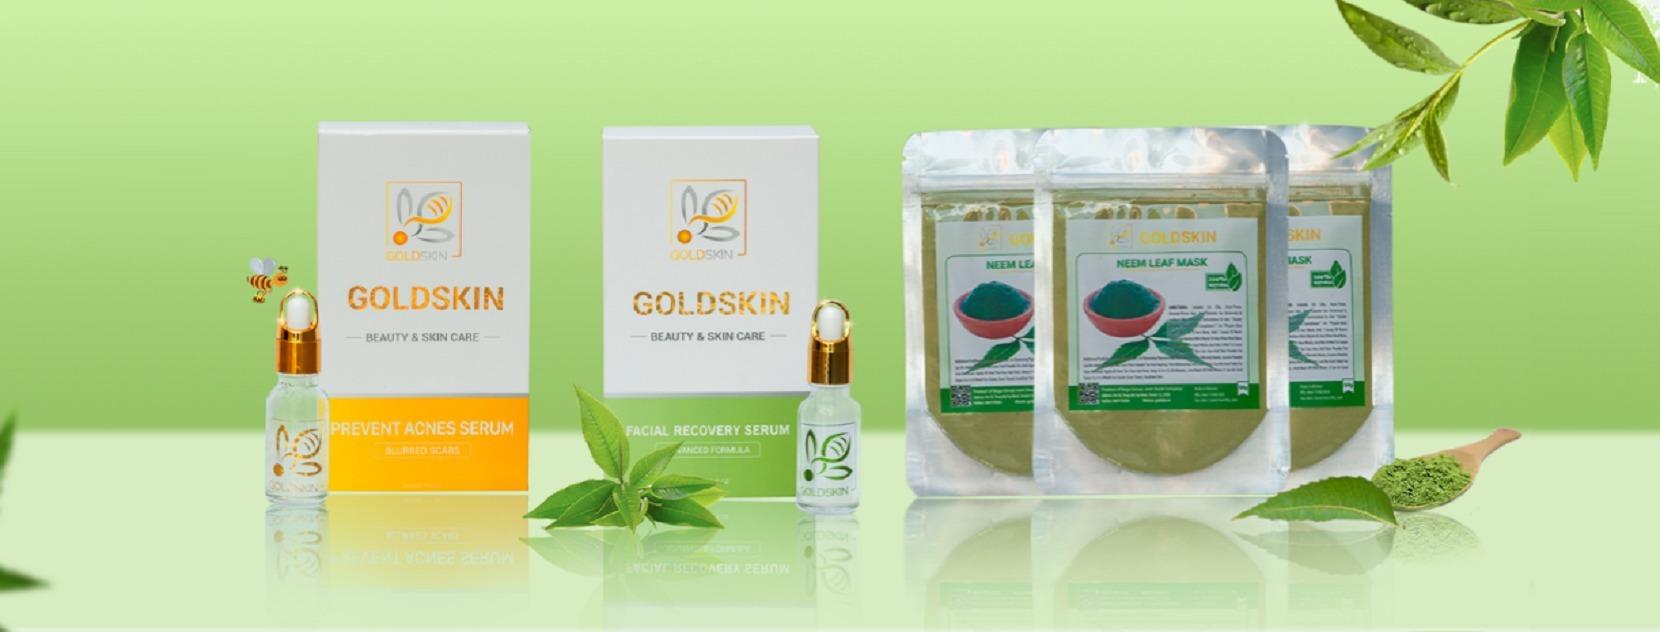 Serum trị mụn thâm Goldskin hiệu quả, mụn không tá (@trimungoldskin) Cover Image